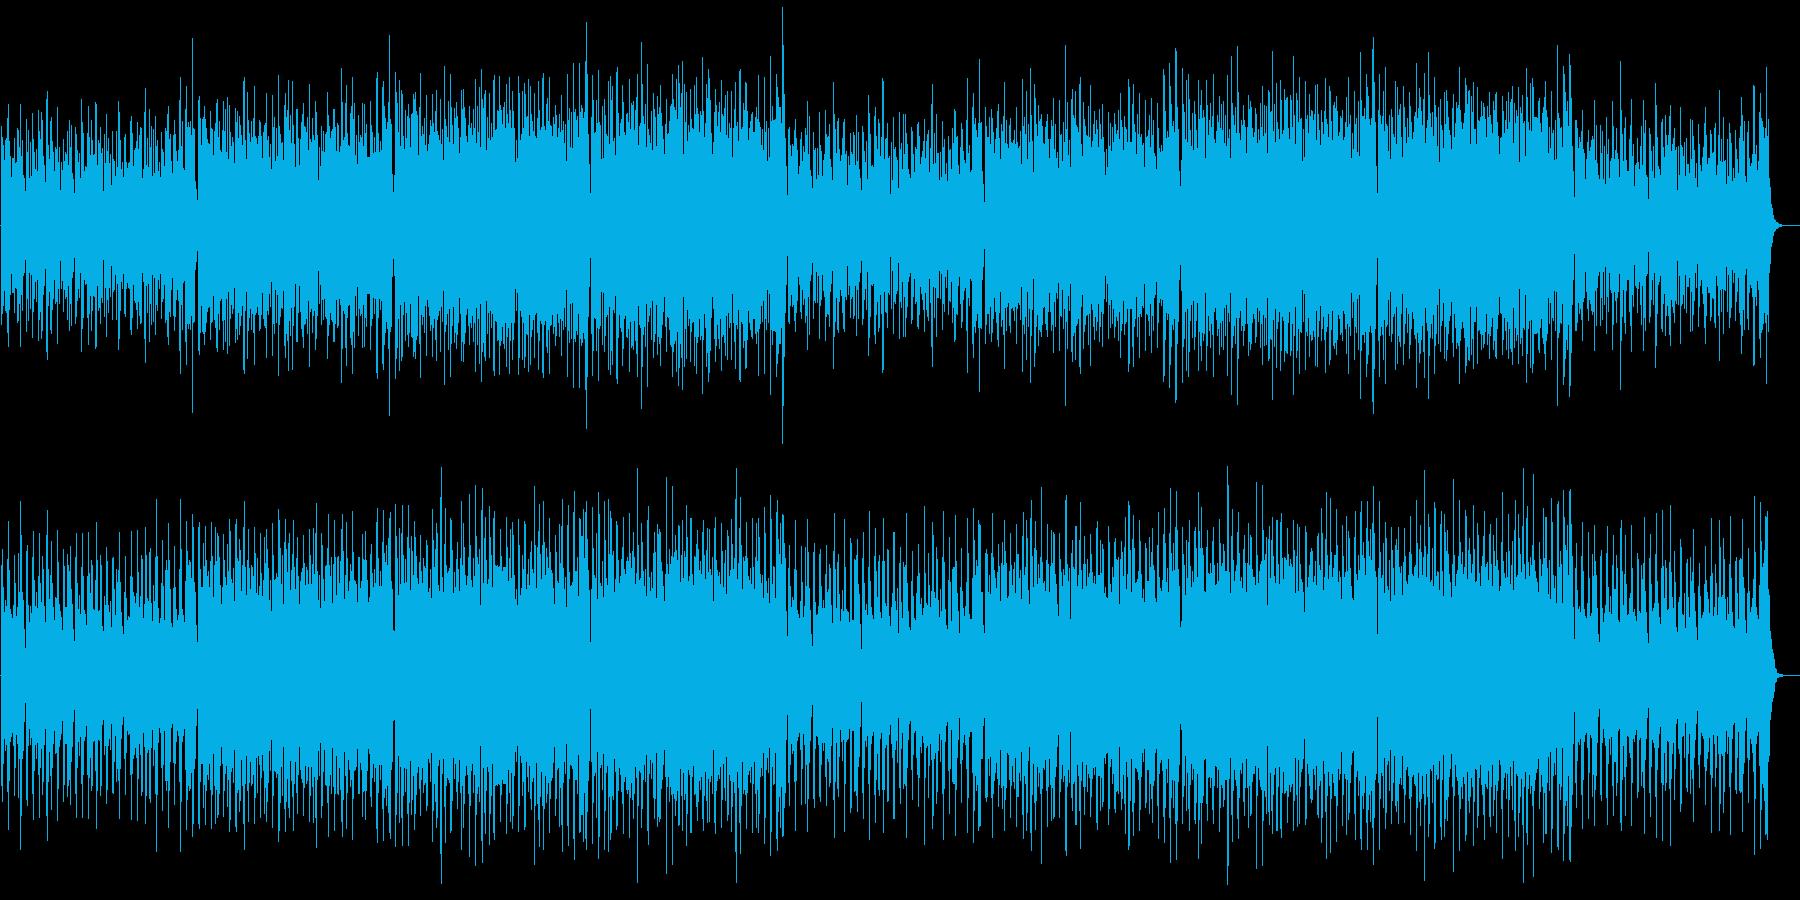 ケルトの笛が印象的な素朴で古風な舞曲の再生済みの波形